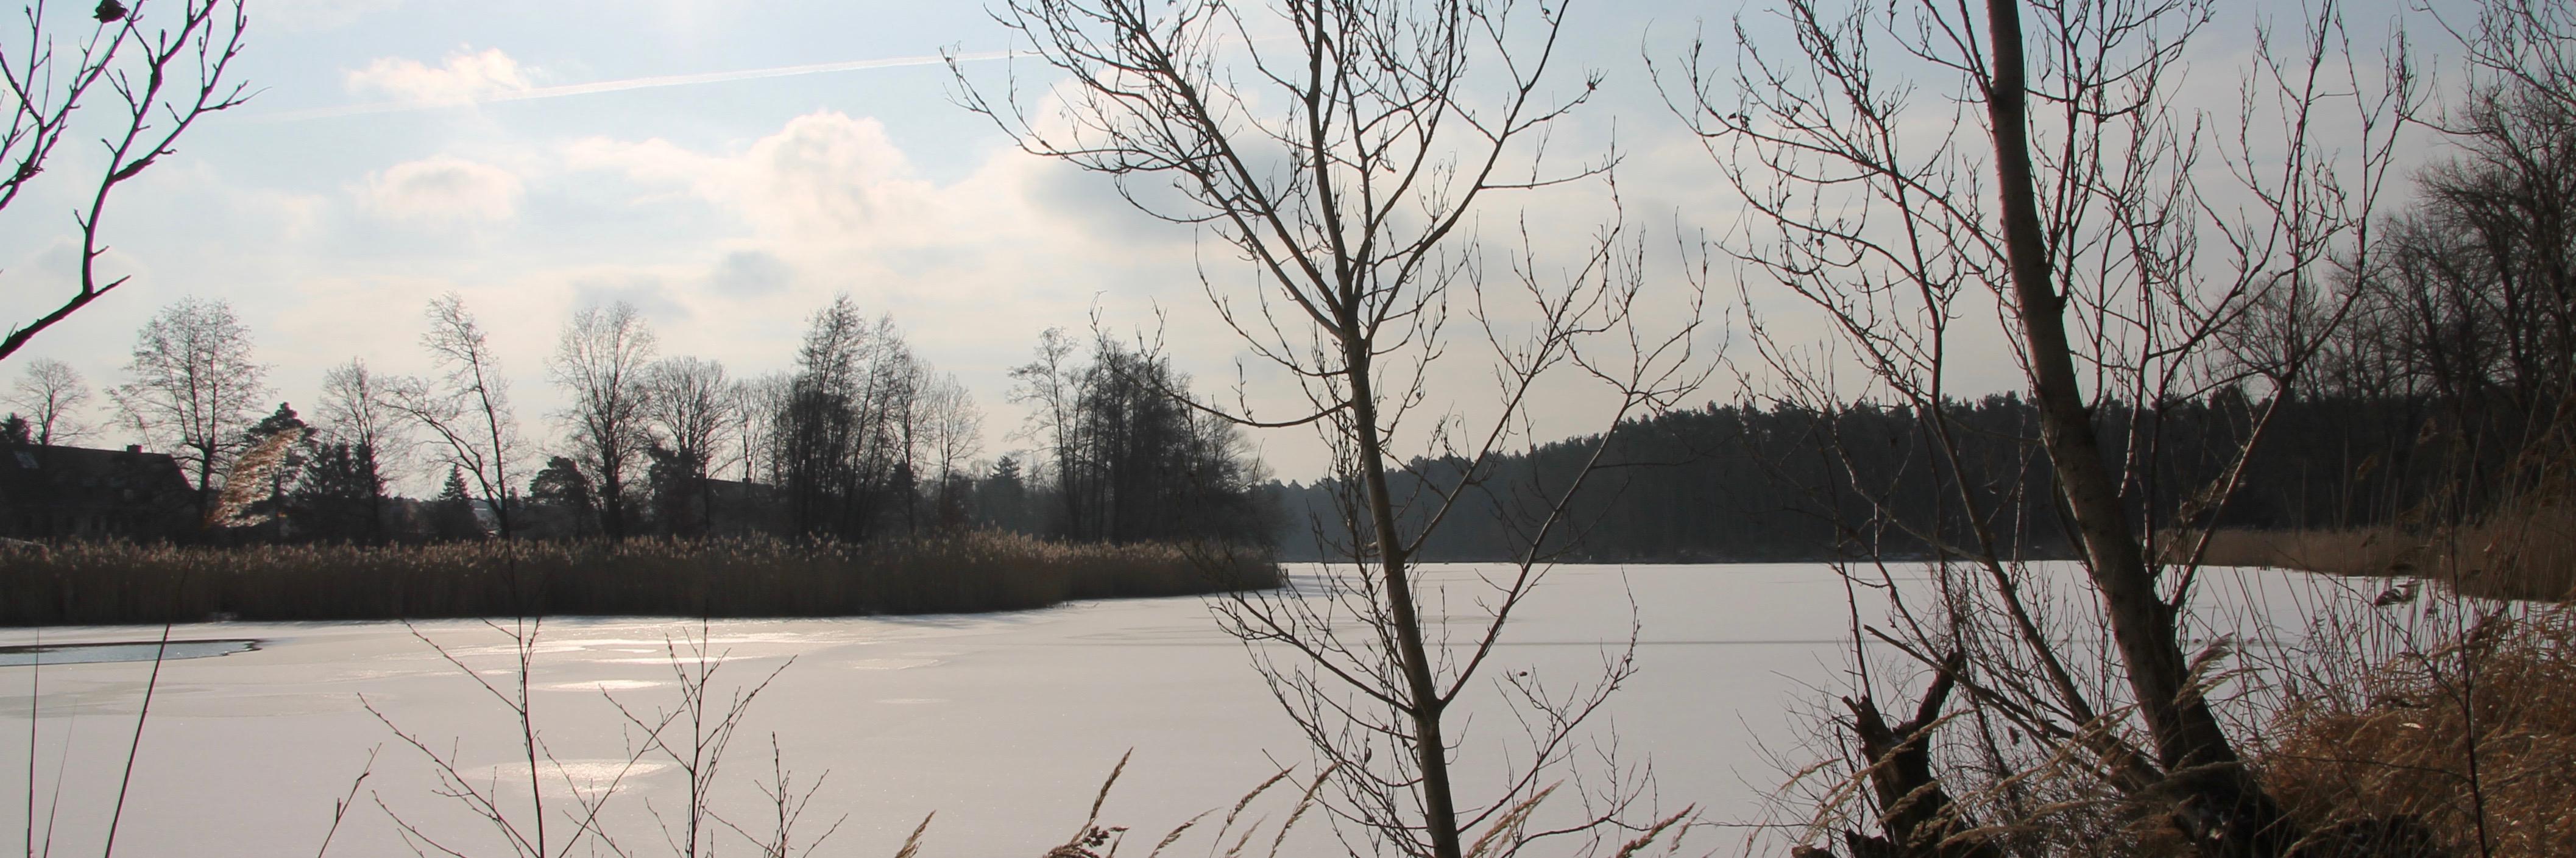 180301 Klietz Winter 19396